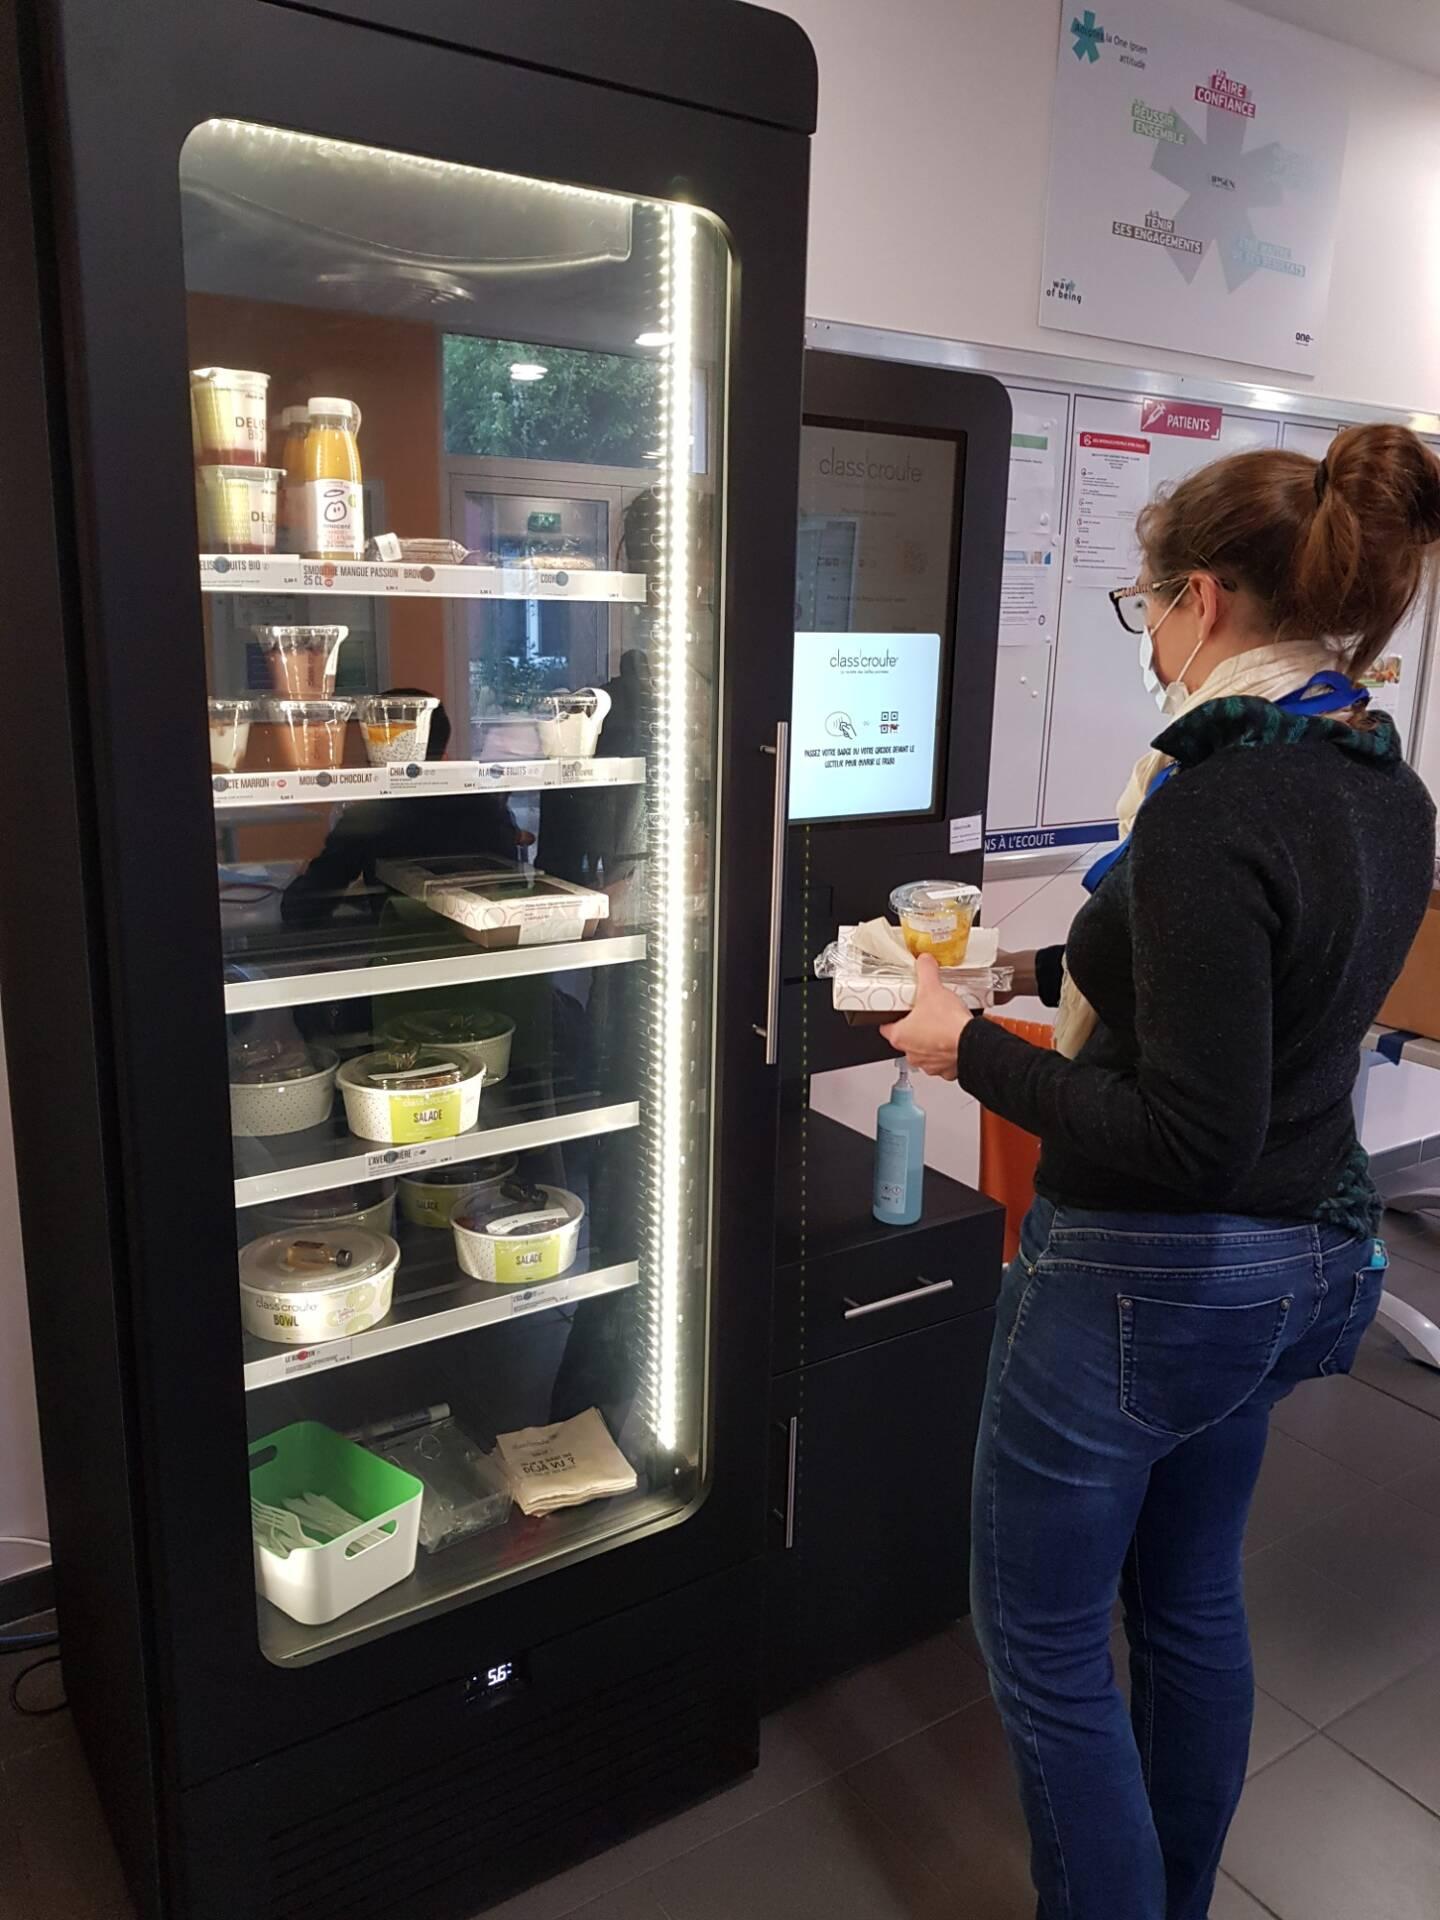 Le groupe Ipsen à Signes s'est doté depuis quelques semaines d'un frigo connecté pour proposer repas frais et équilibrés à ses collaborateurs.